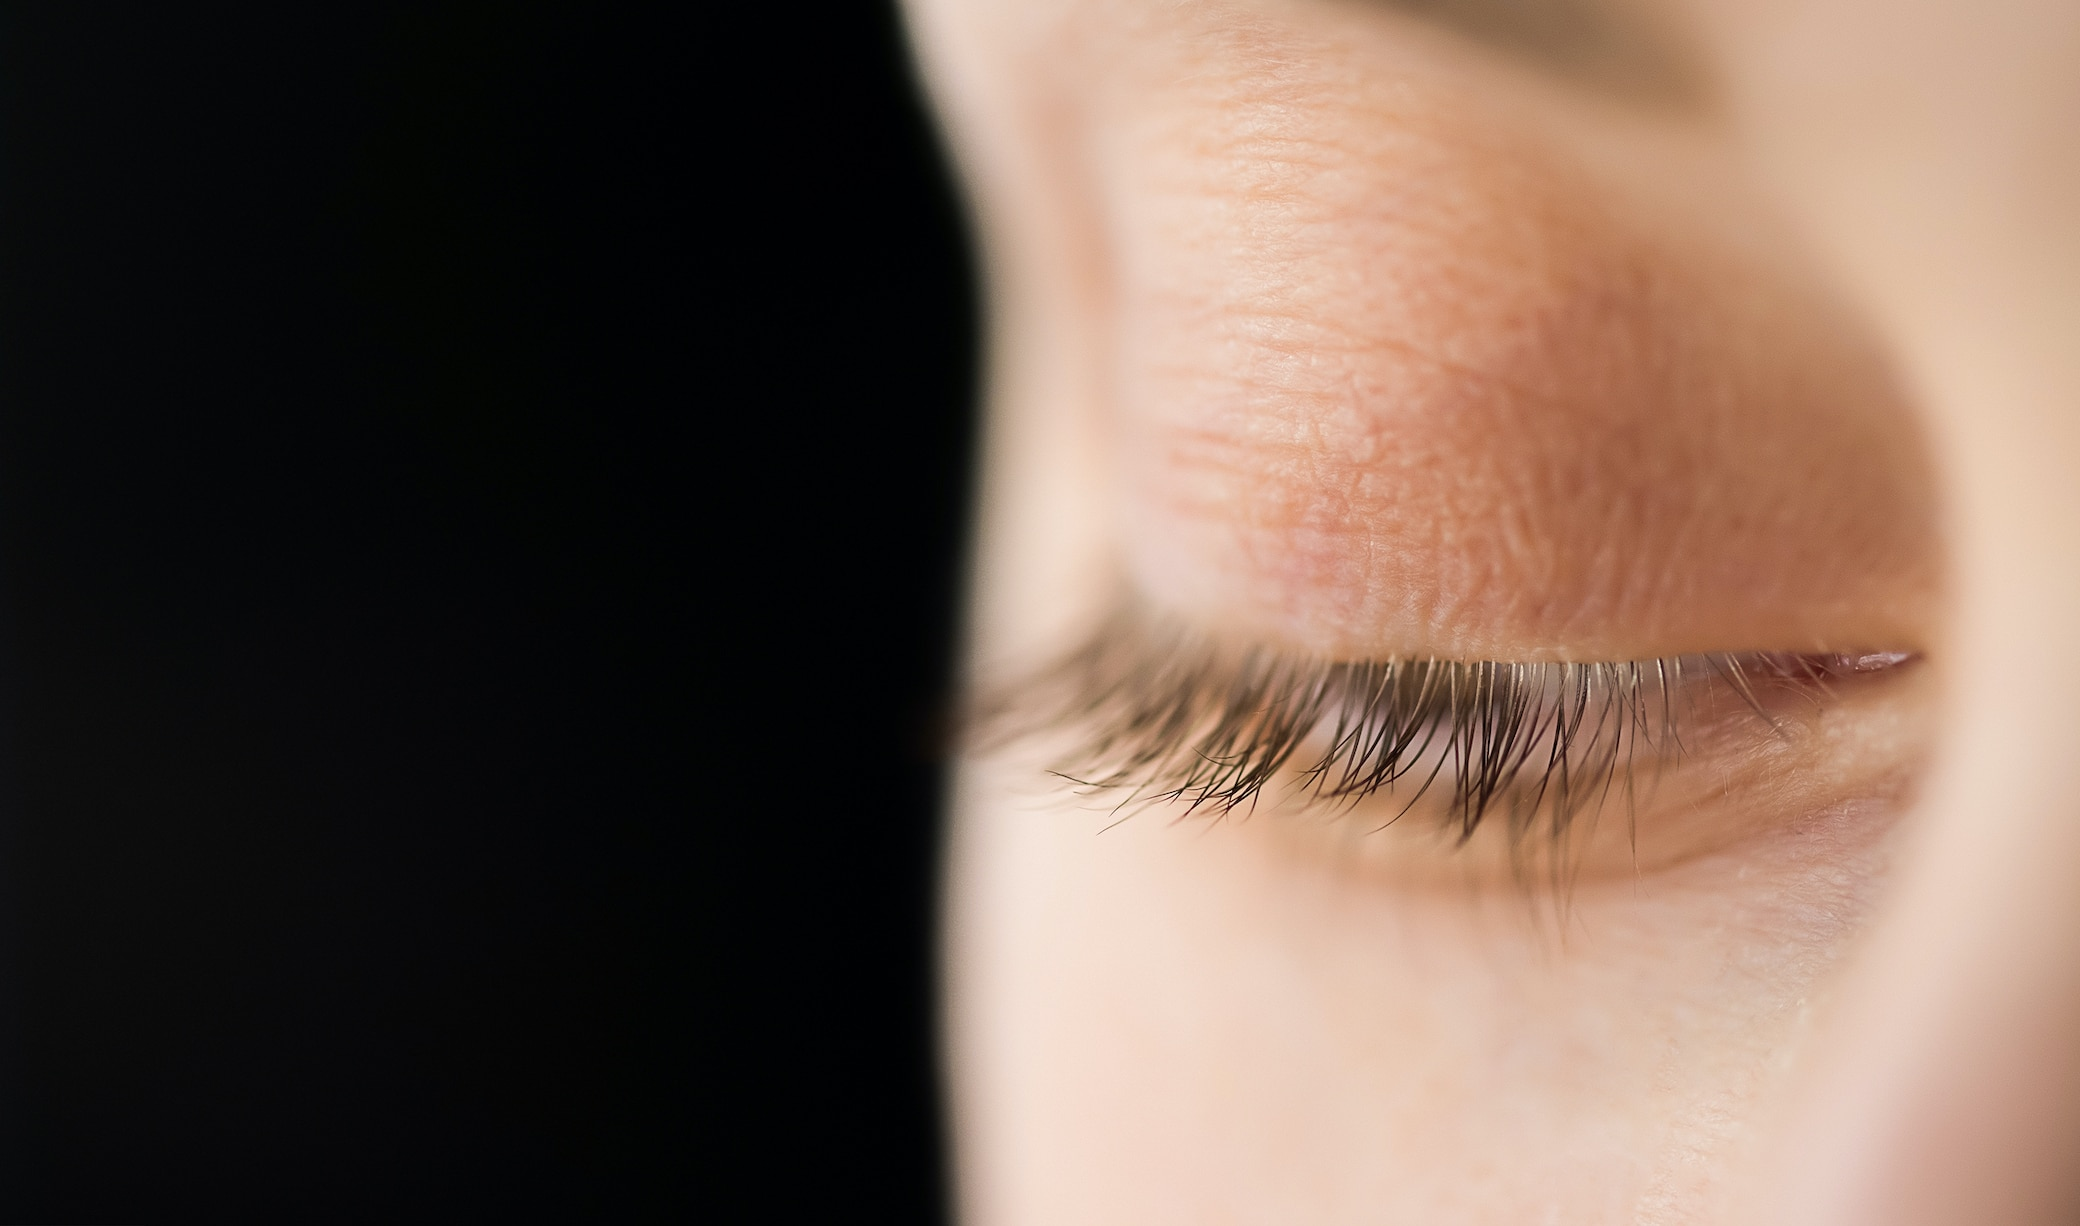 Gasblase Im Auge Wie Lange